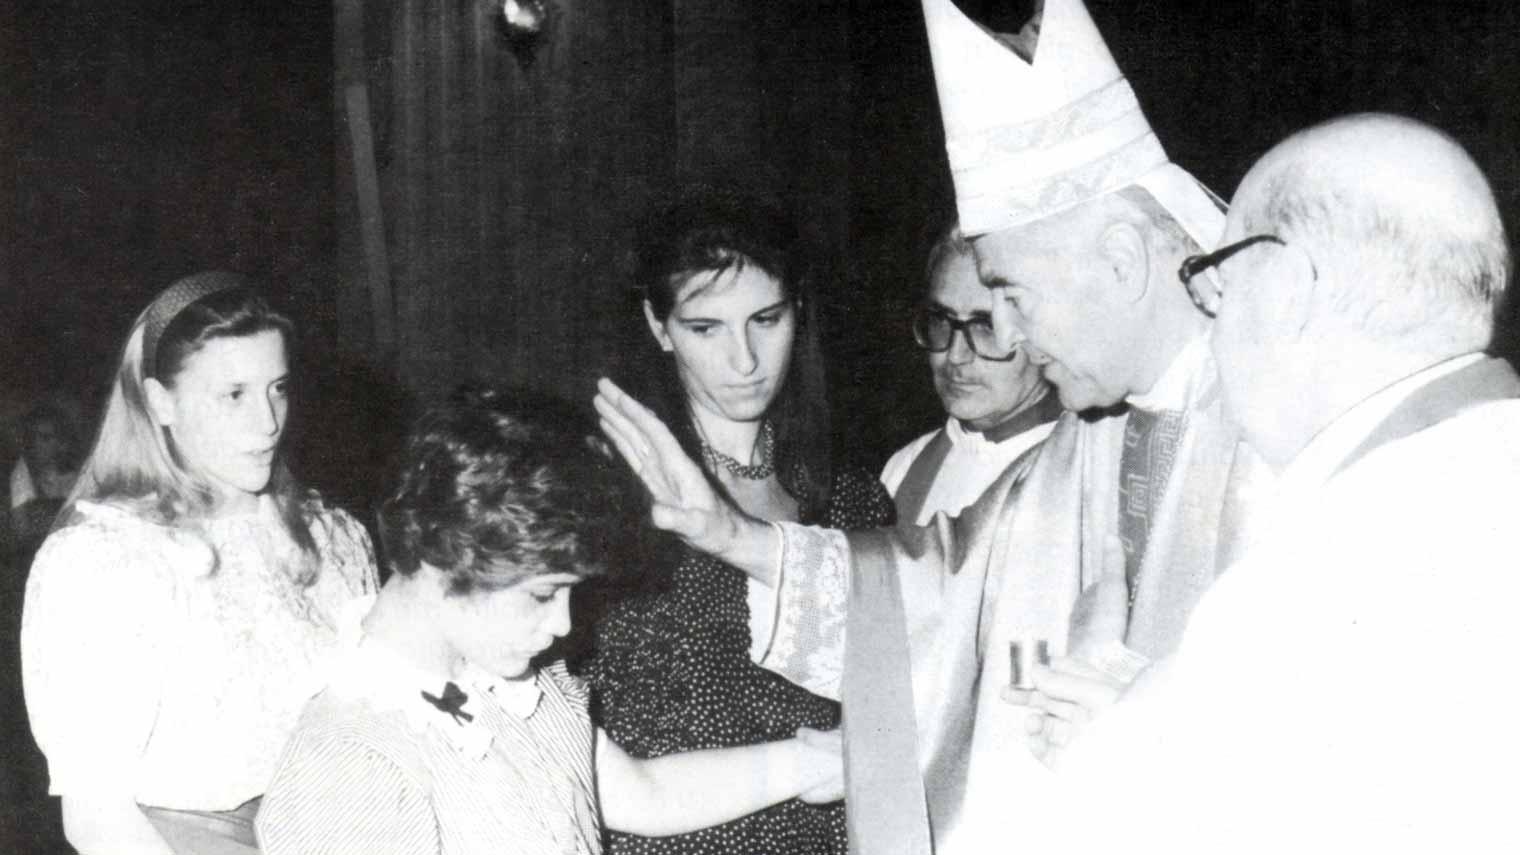 La prima comunione di Flaminia ci ha fatto crescere - Ombre e Luci n.38, 1992